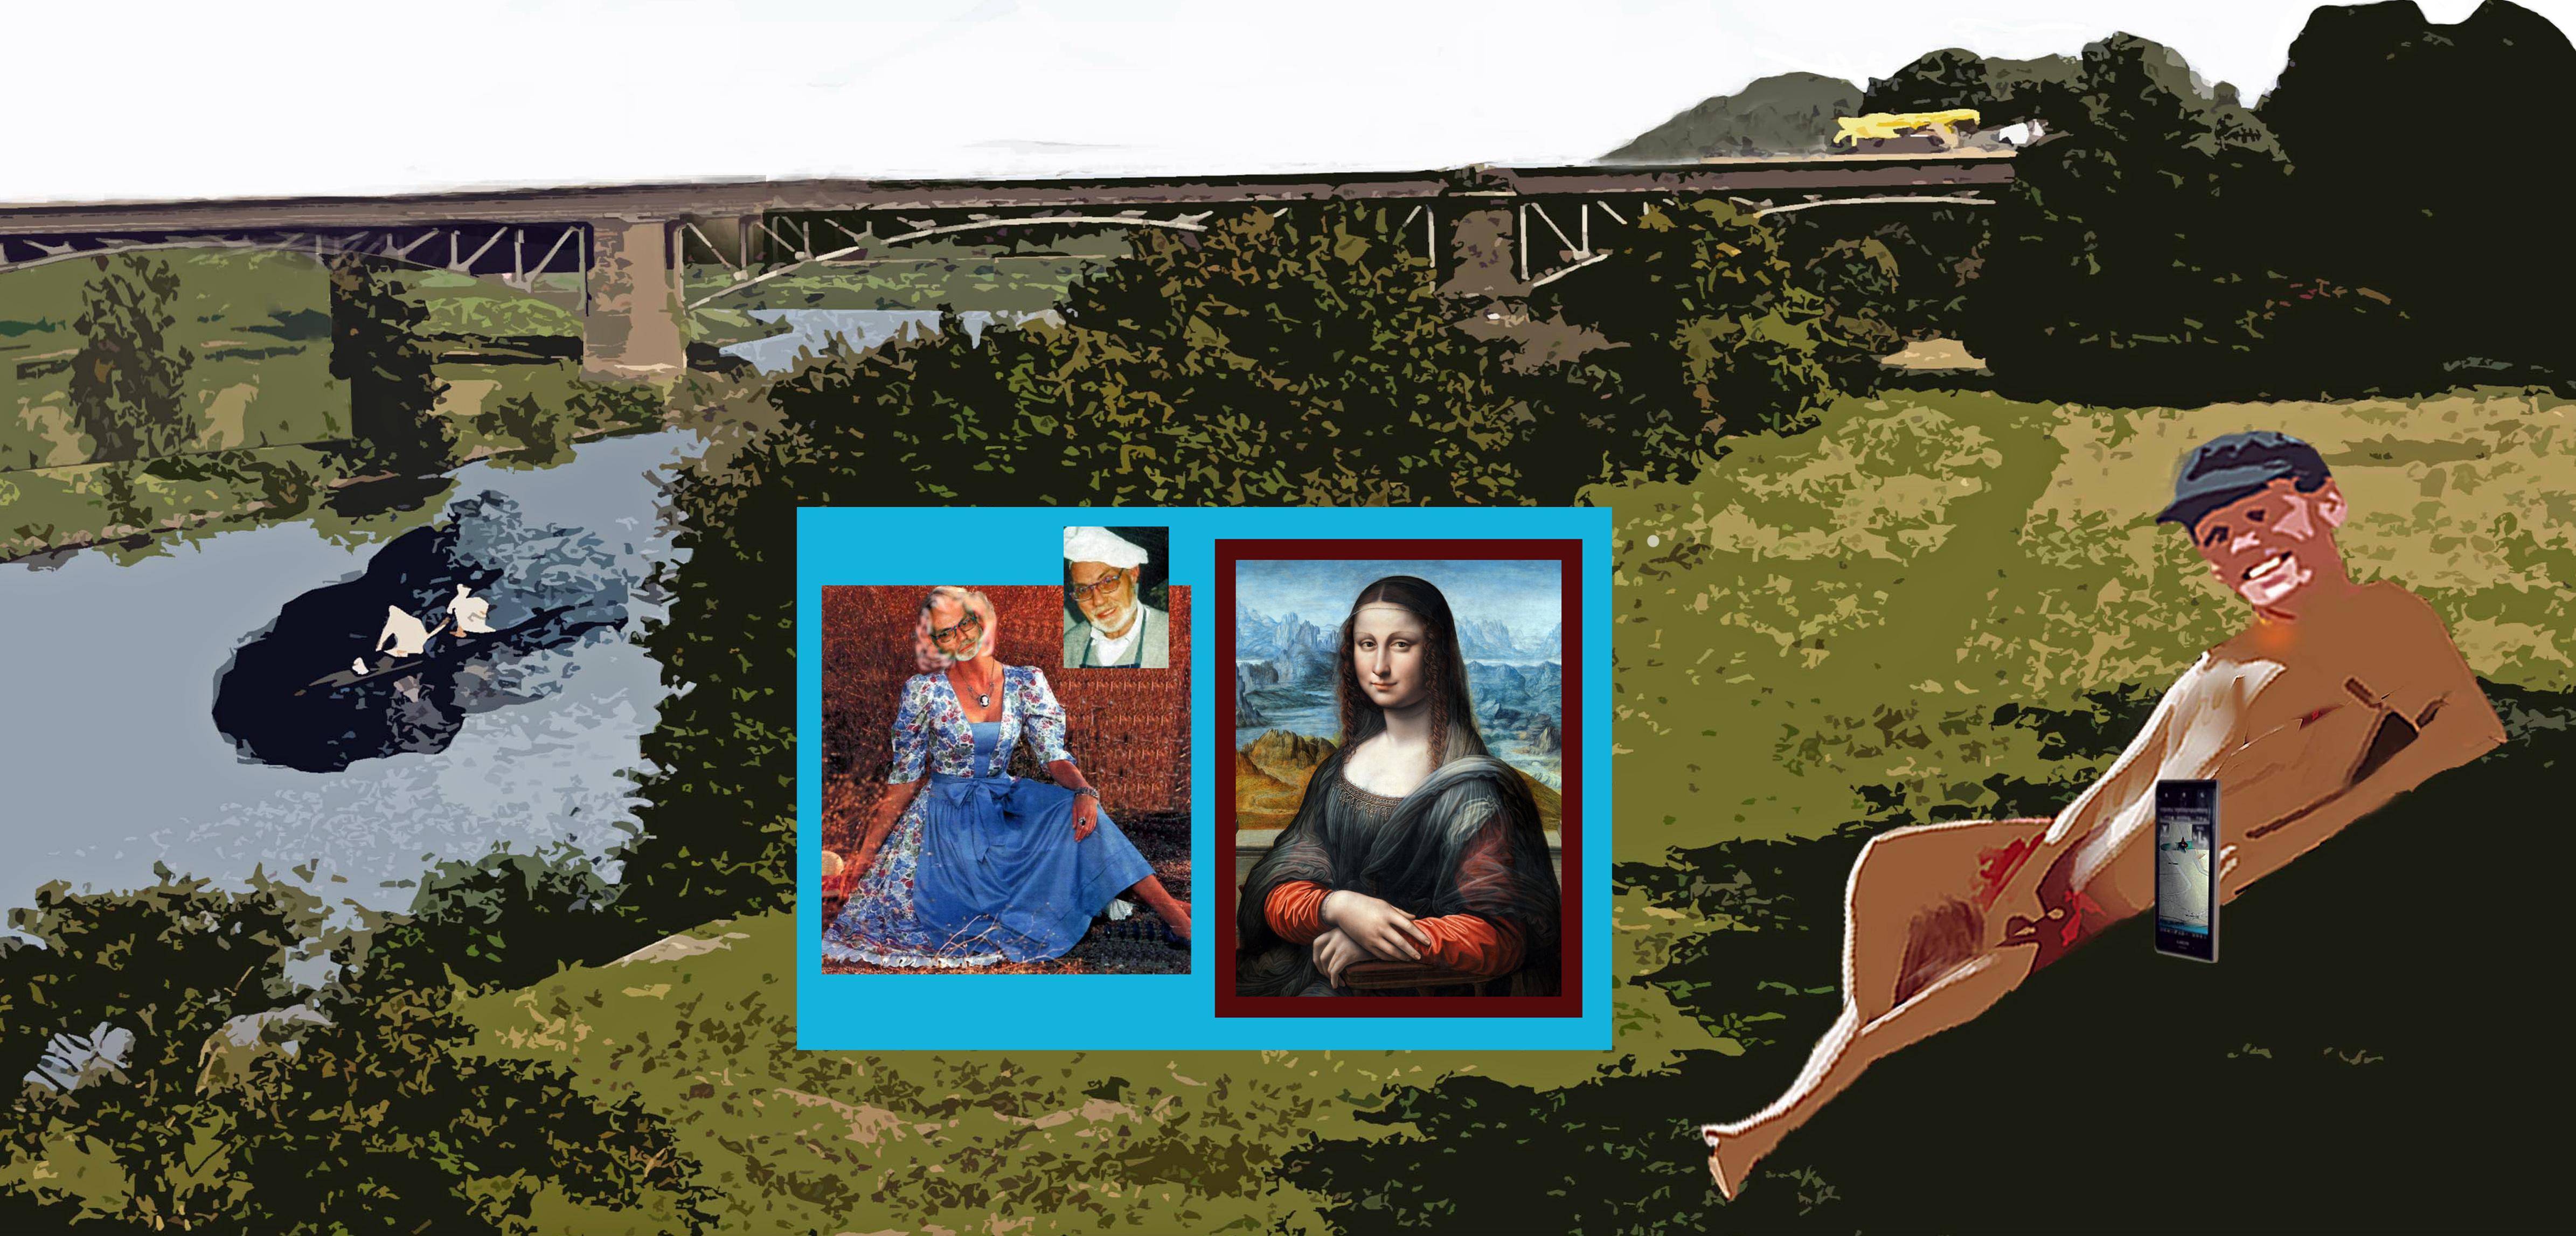 Nackter Mann am Ruhrufer mit lustigen Bildern in der Mitte